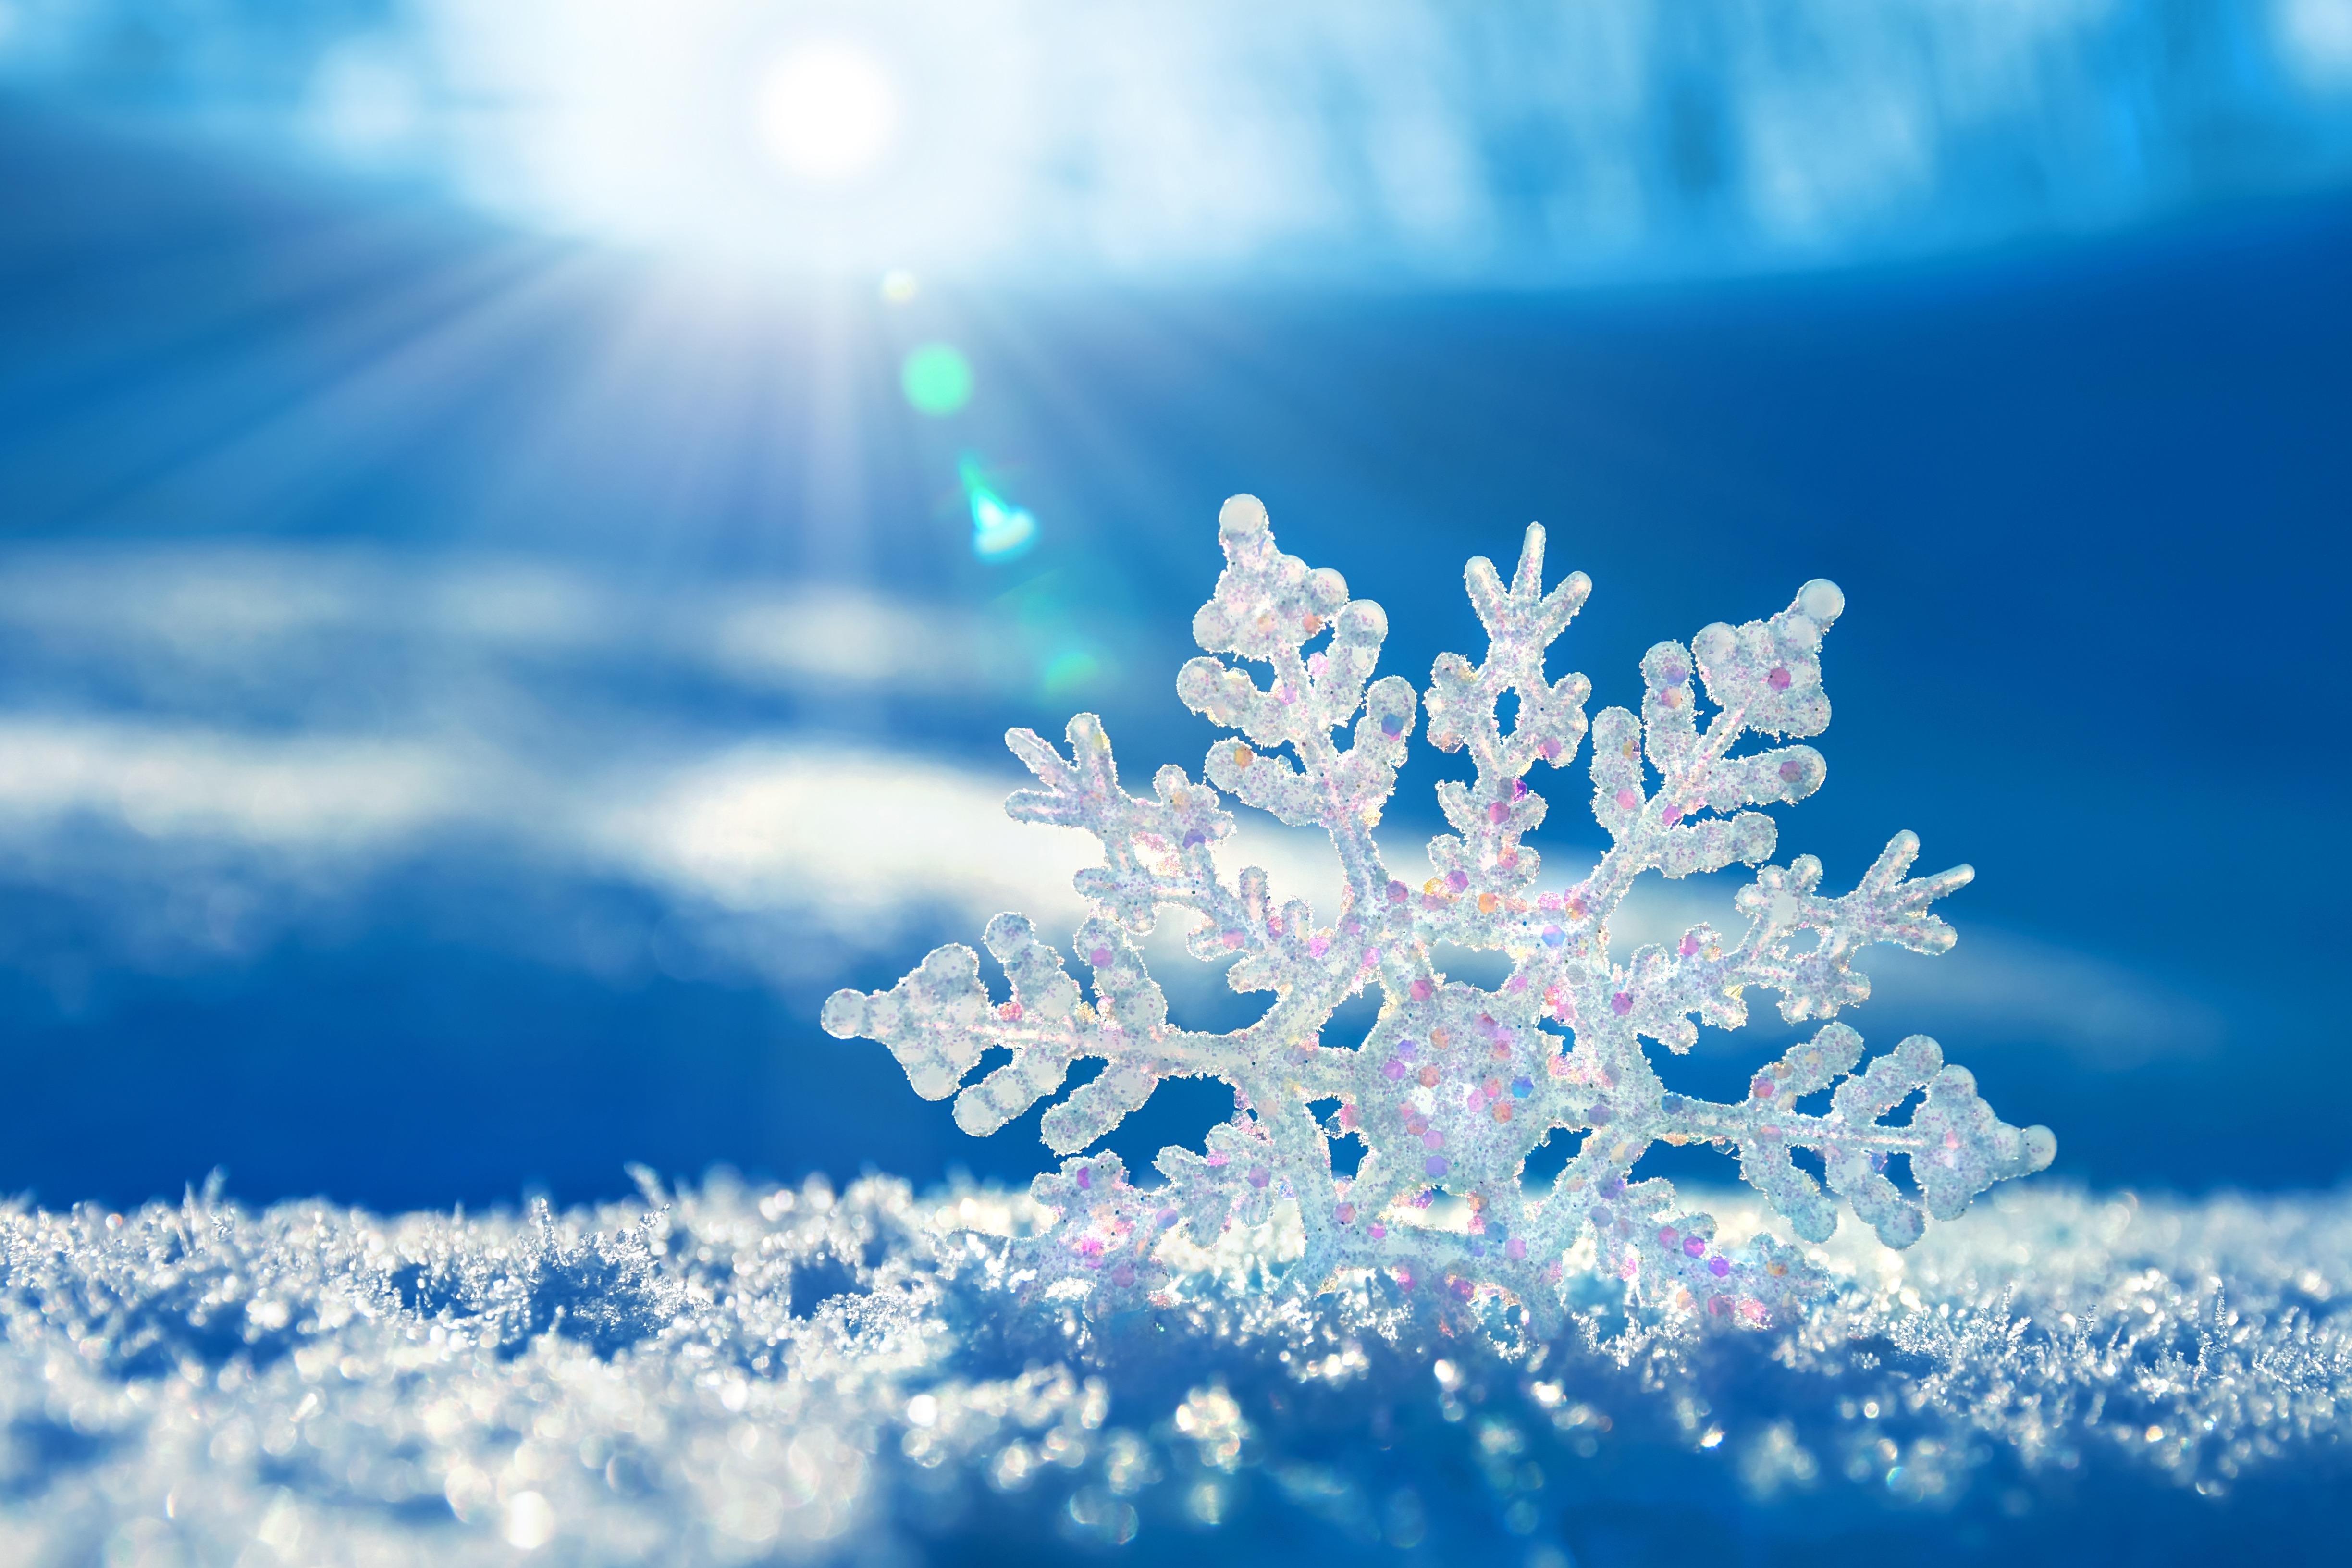 картинки снежная зима